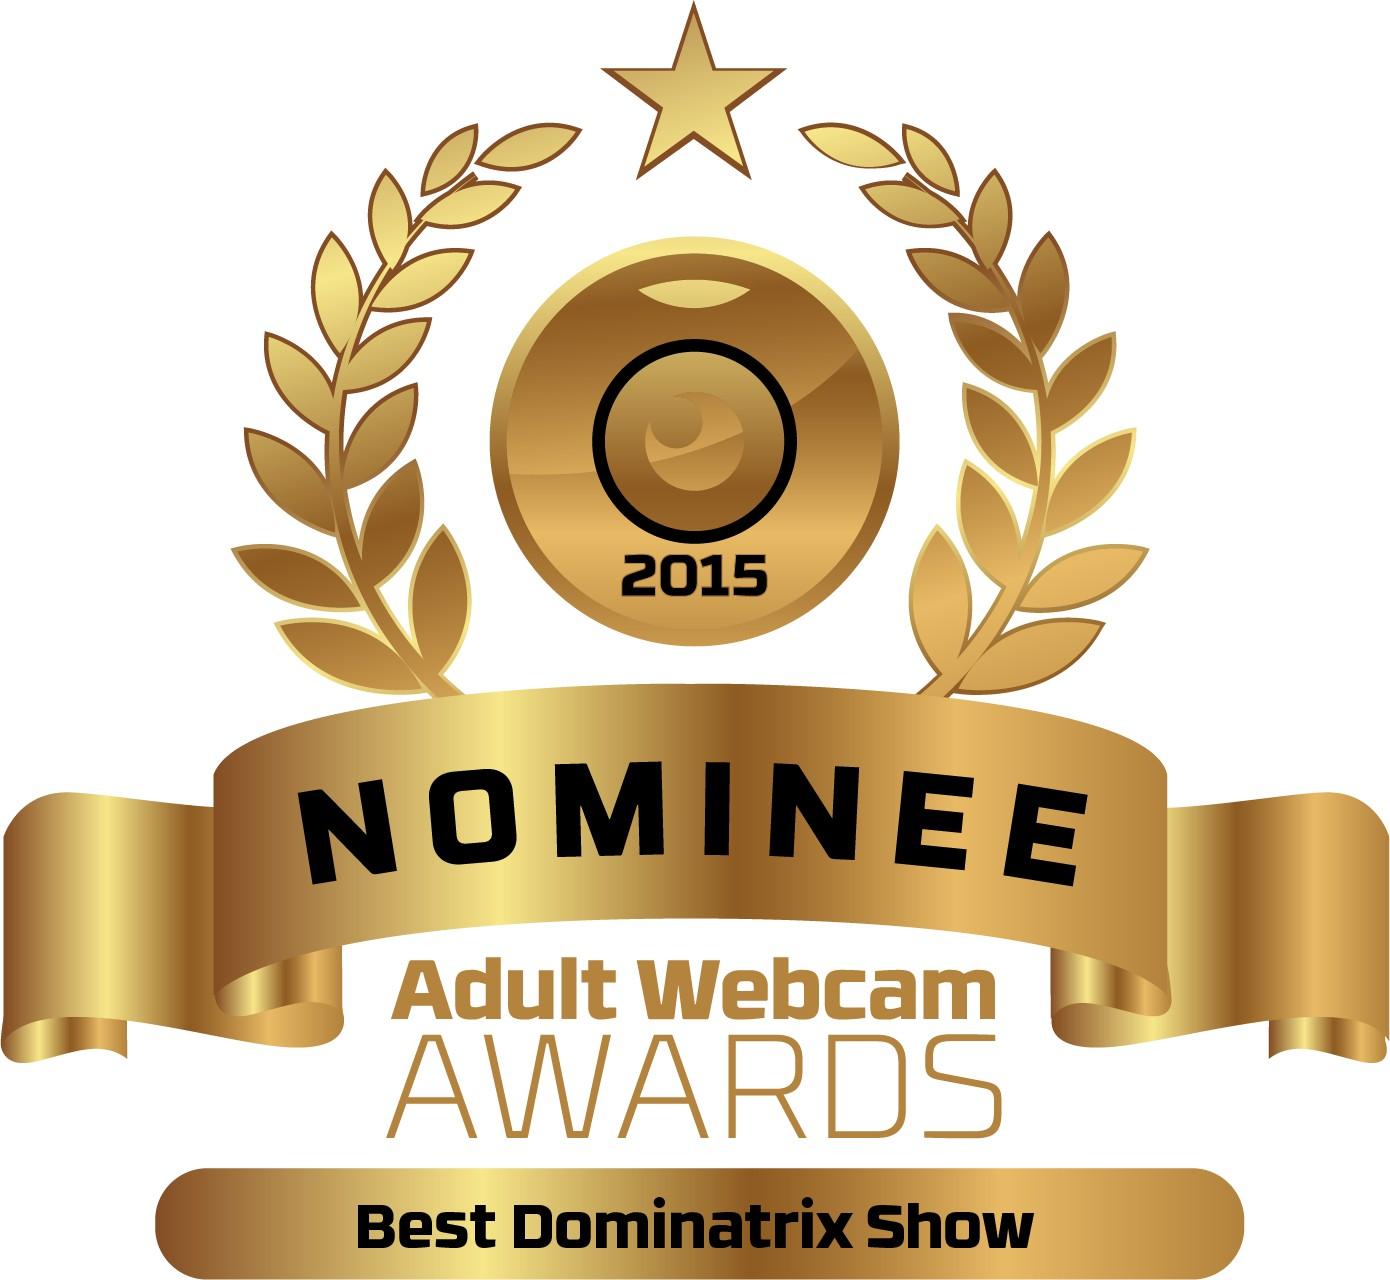 Best dominatrix show nominee